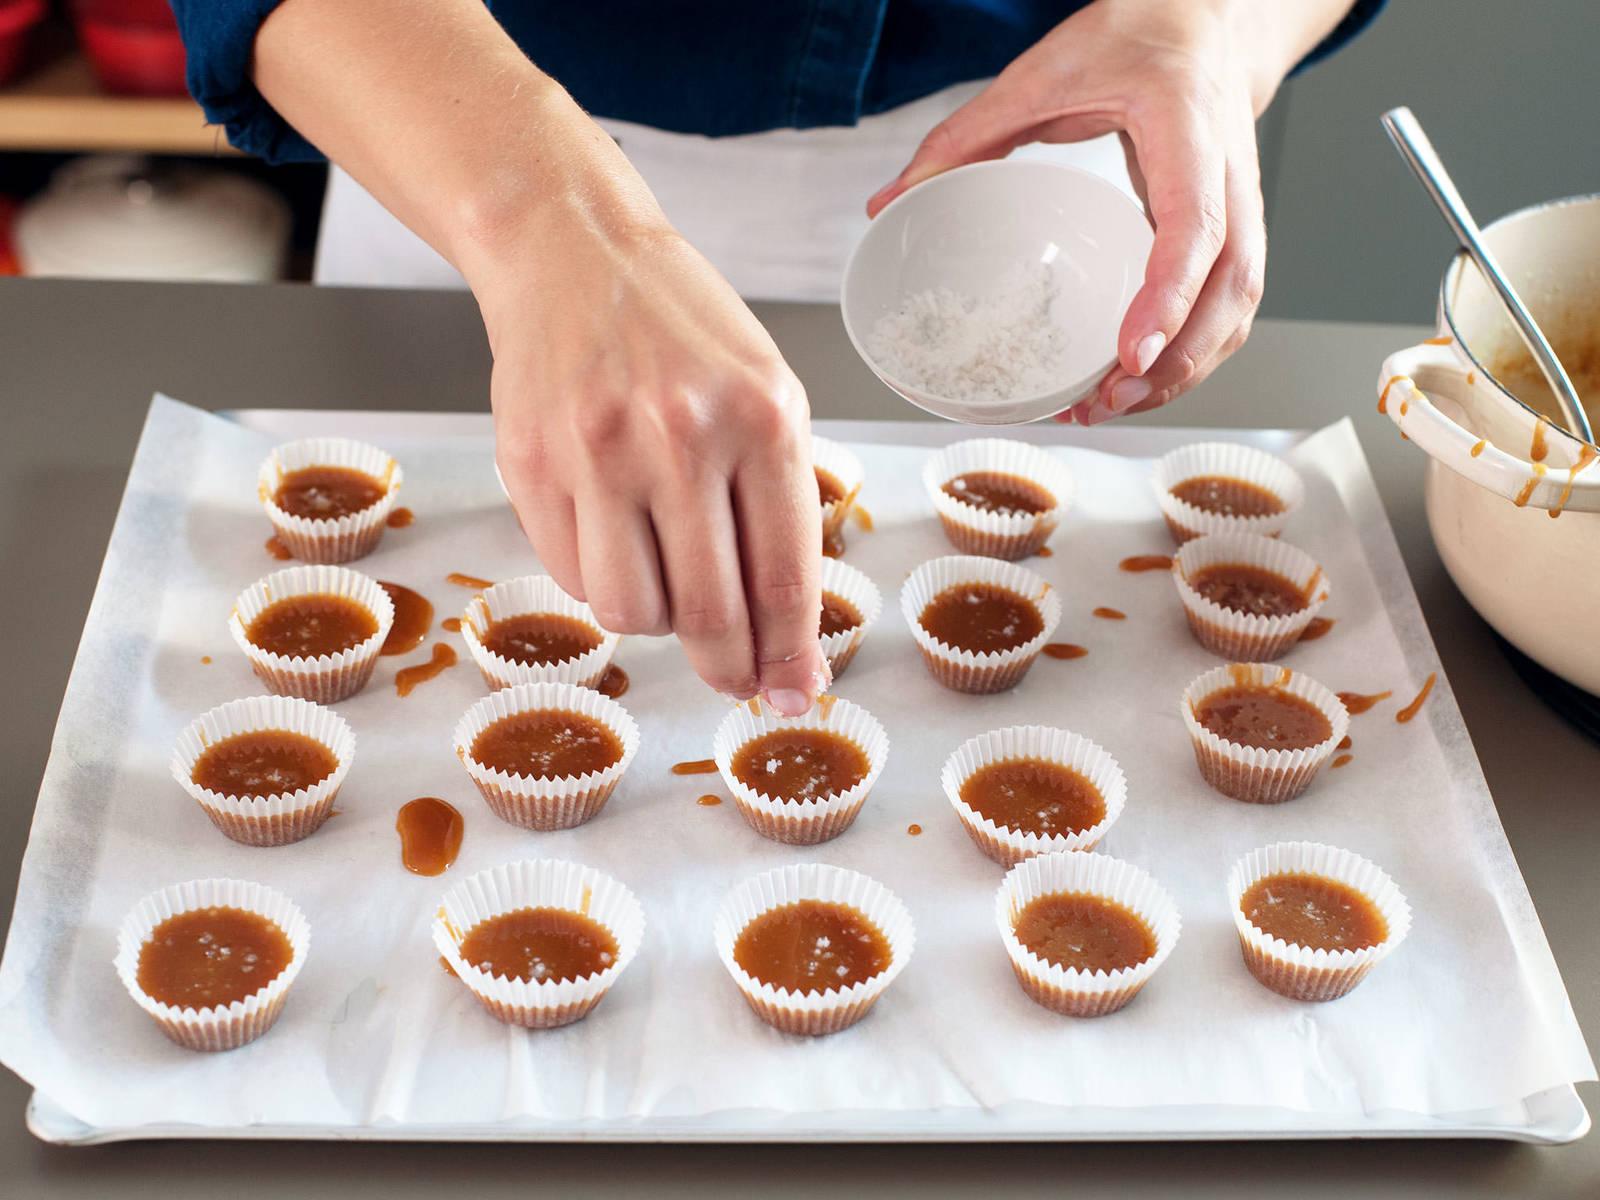 Karamell in Förmchen löffeln, mit grobem Salz bestreuen und zum Abkühlen beiseite stellen. In luftdichten Behälter füllen und bis zum Servieren im Kühlschrank aufbewahren.